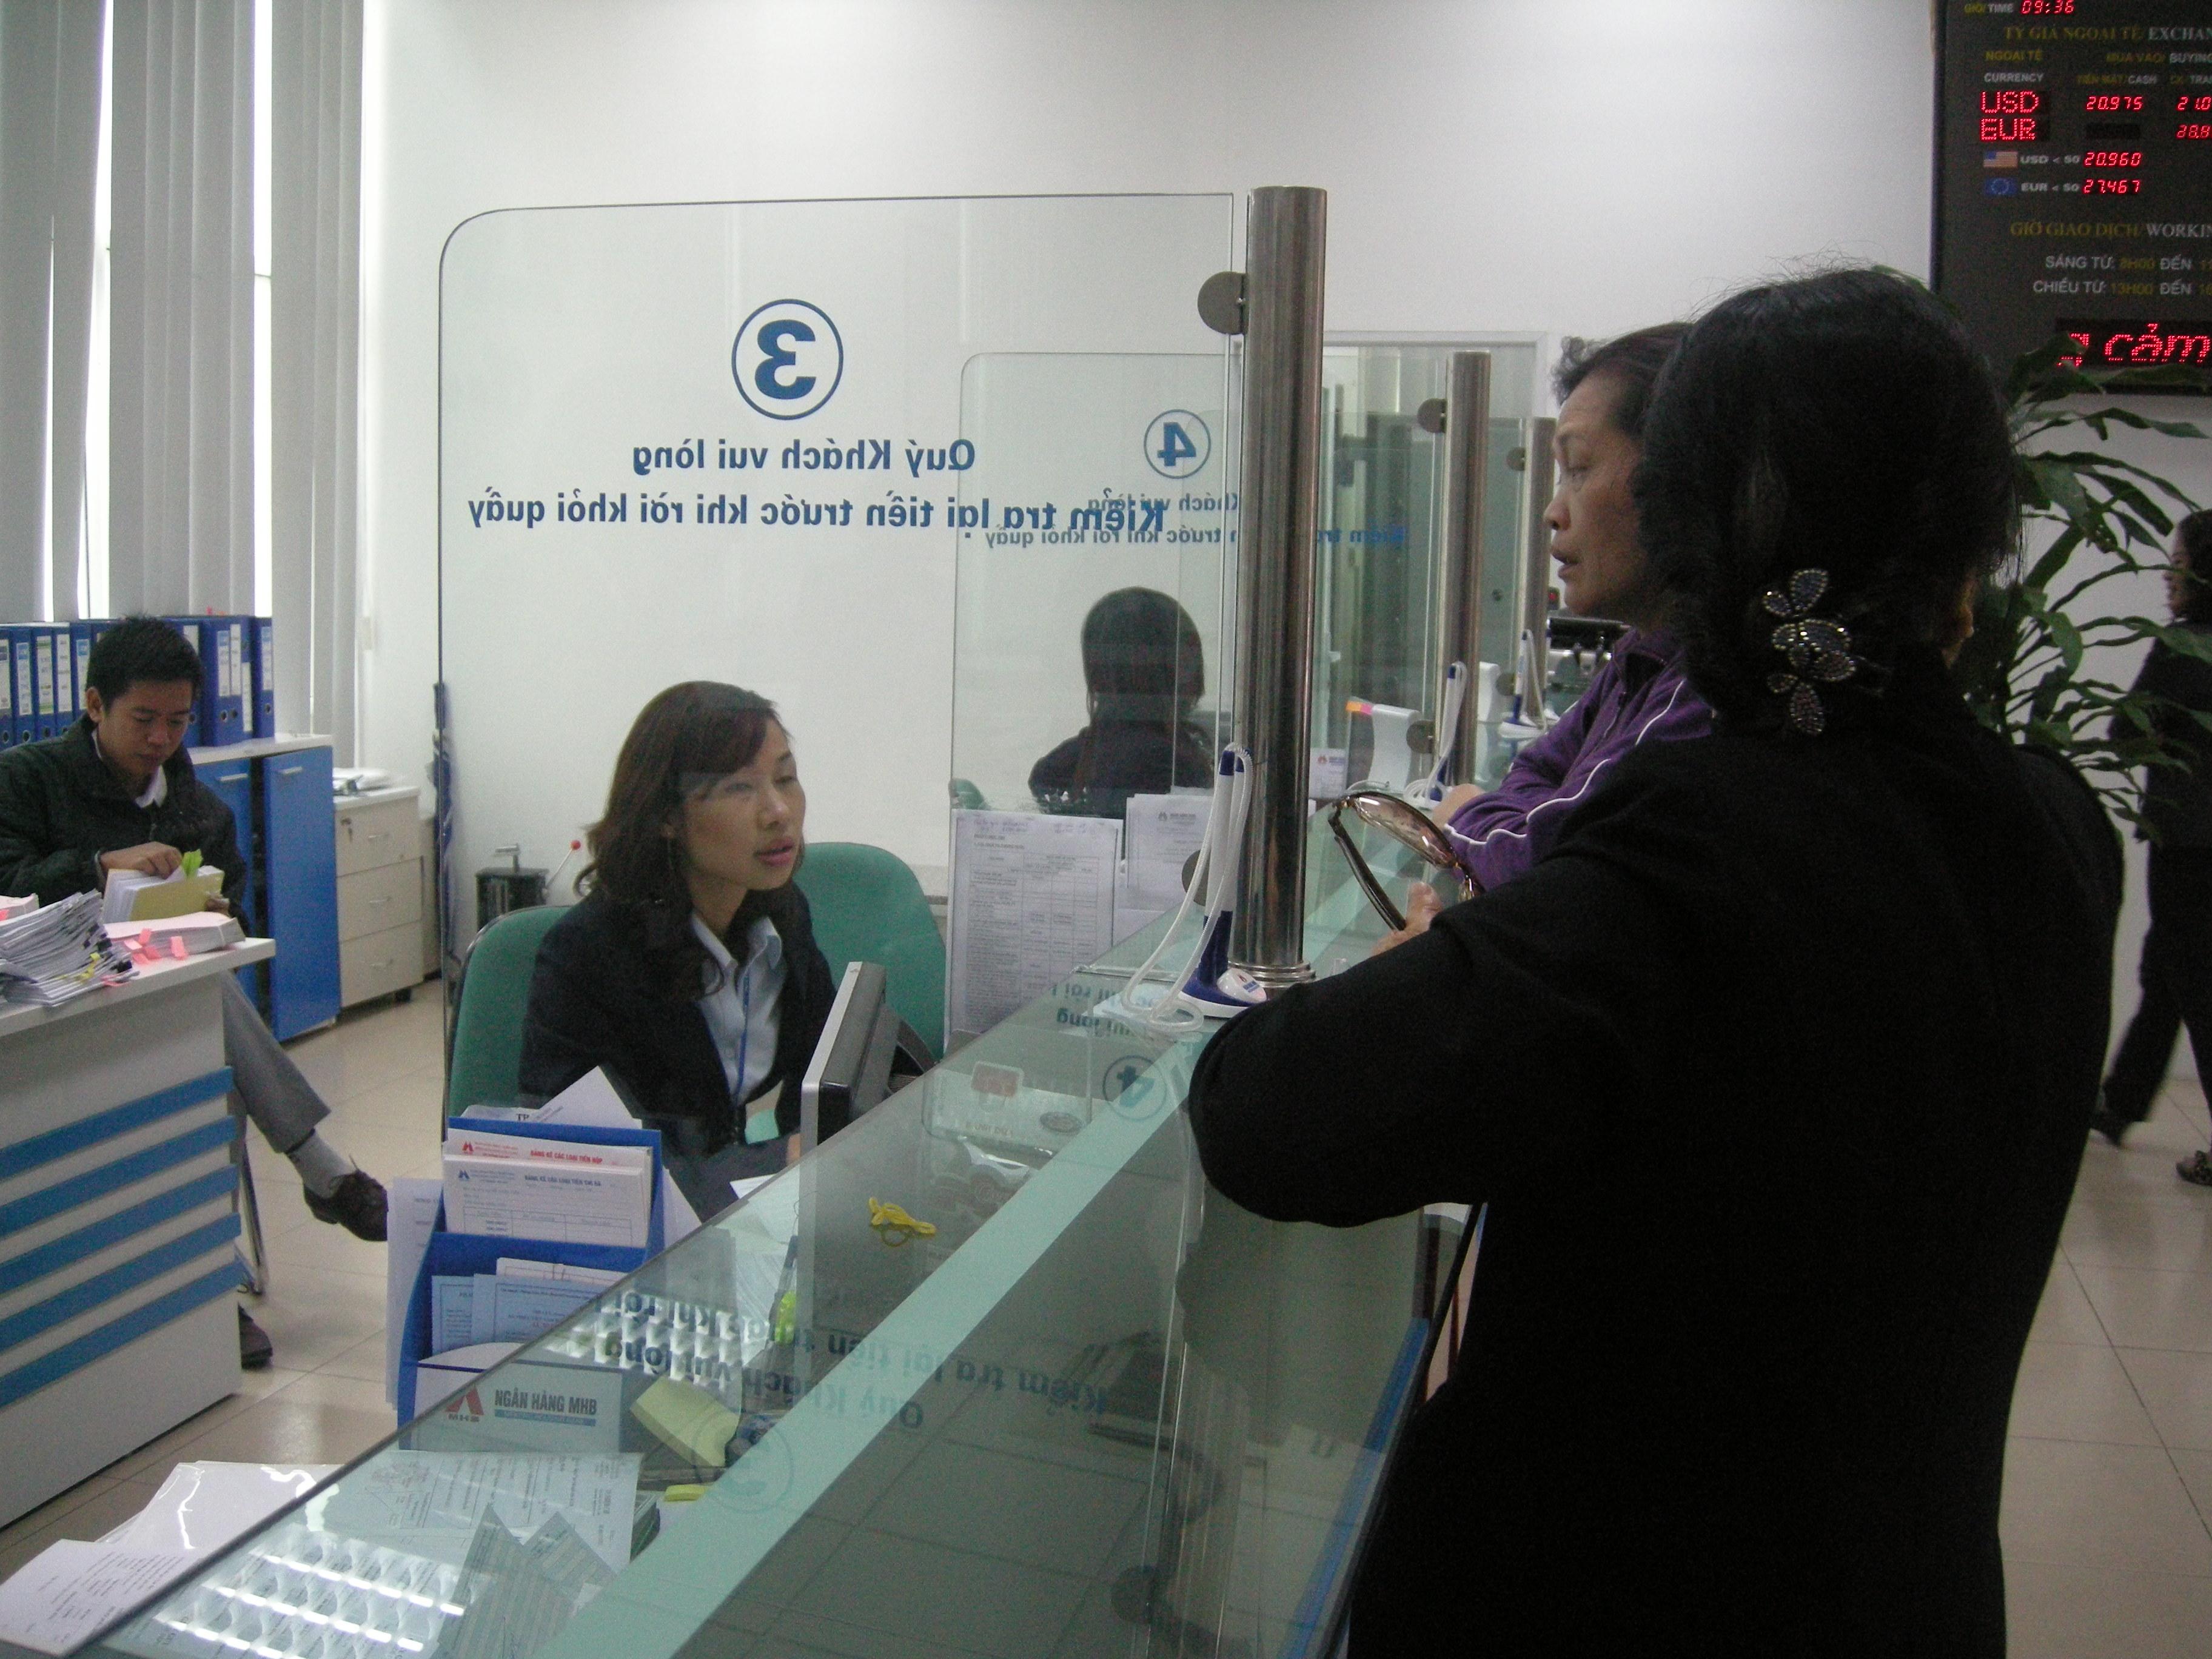 Vĩnh Phúc triển khai đồng bộ các giải pháp ổn định các hoạt động tín dụng trên địa bàn